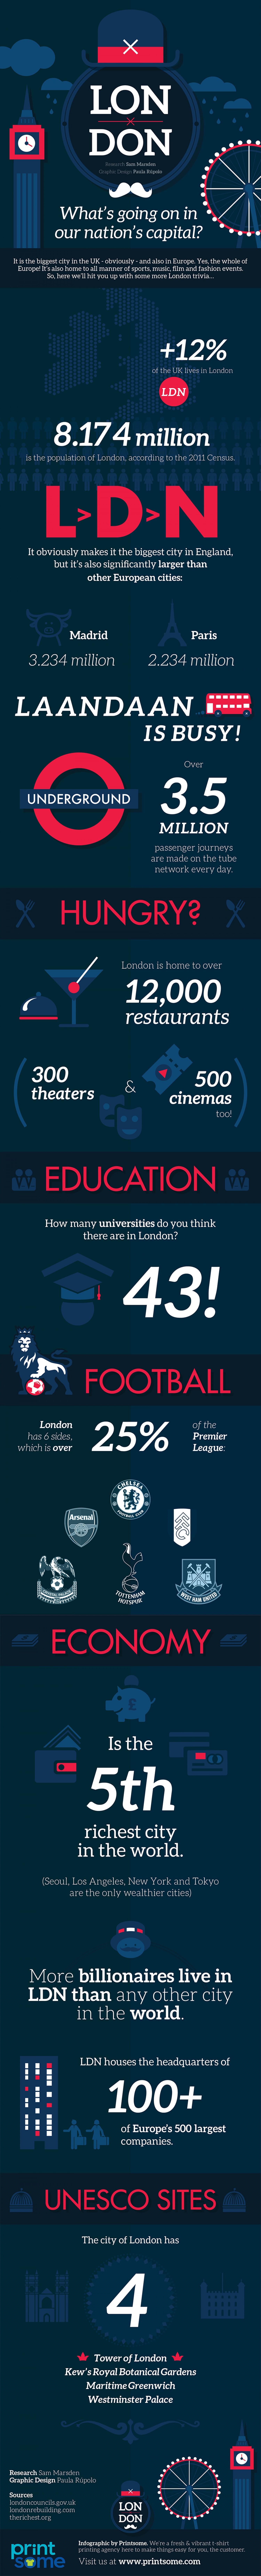 17. London